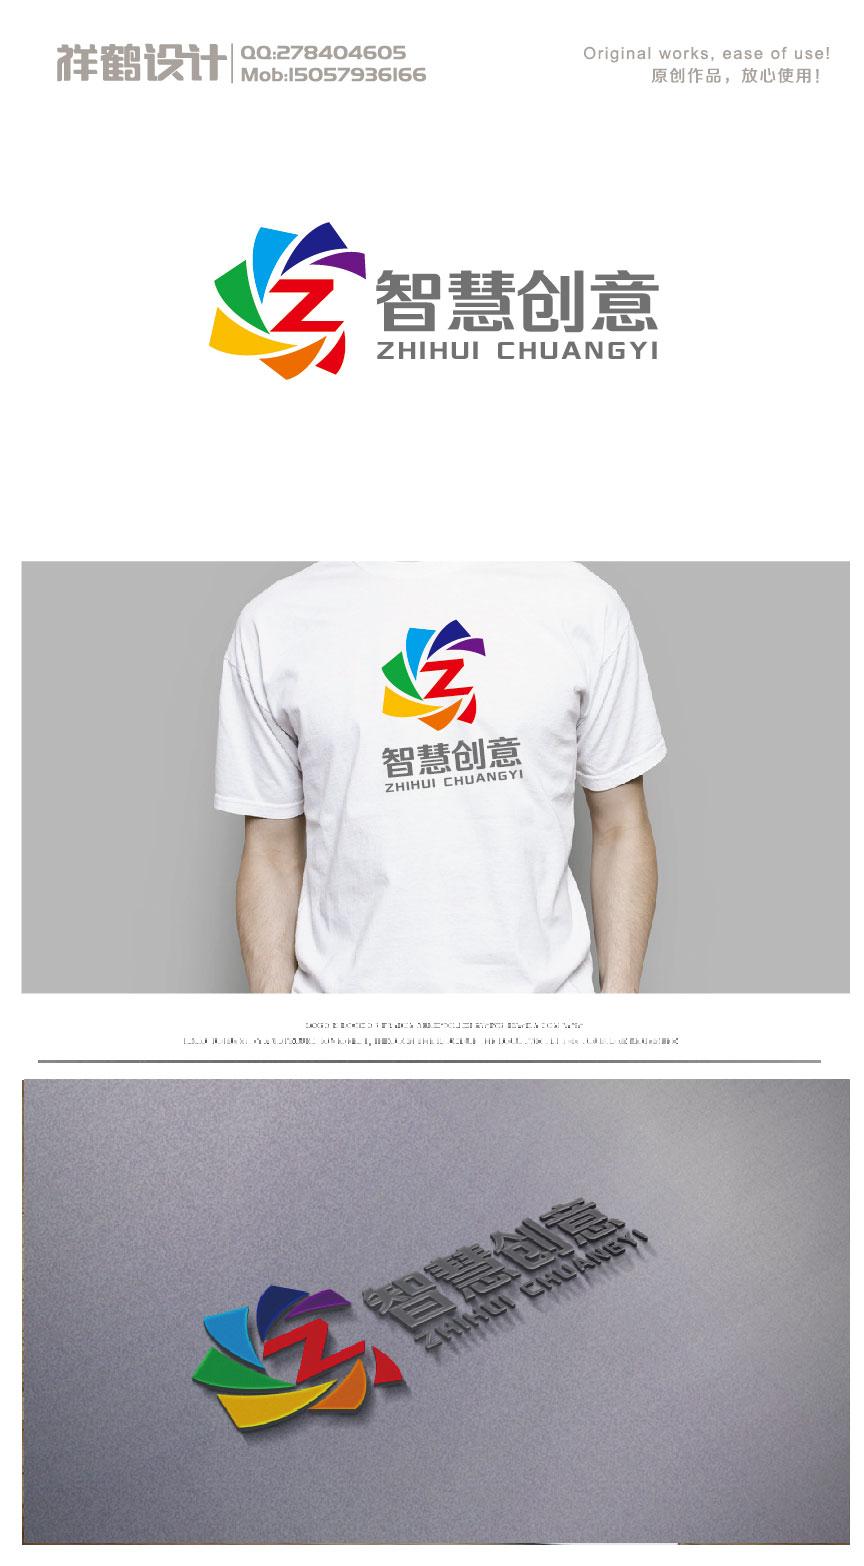 智慧创意标志设计_3022915_k68威客网